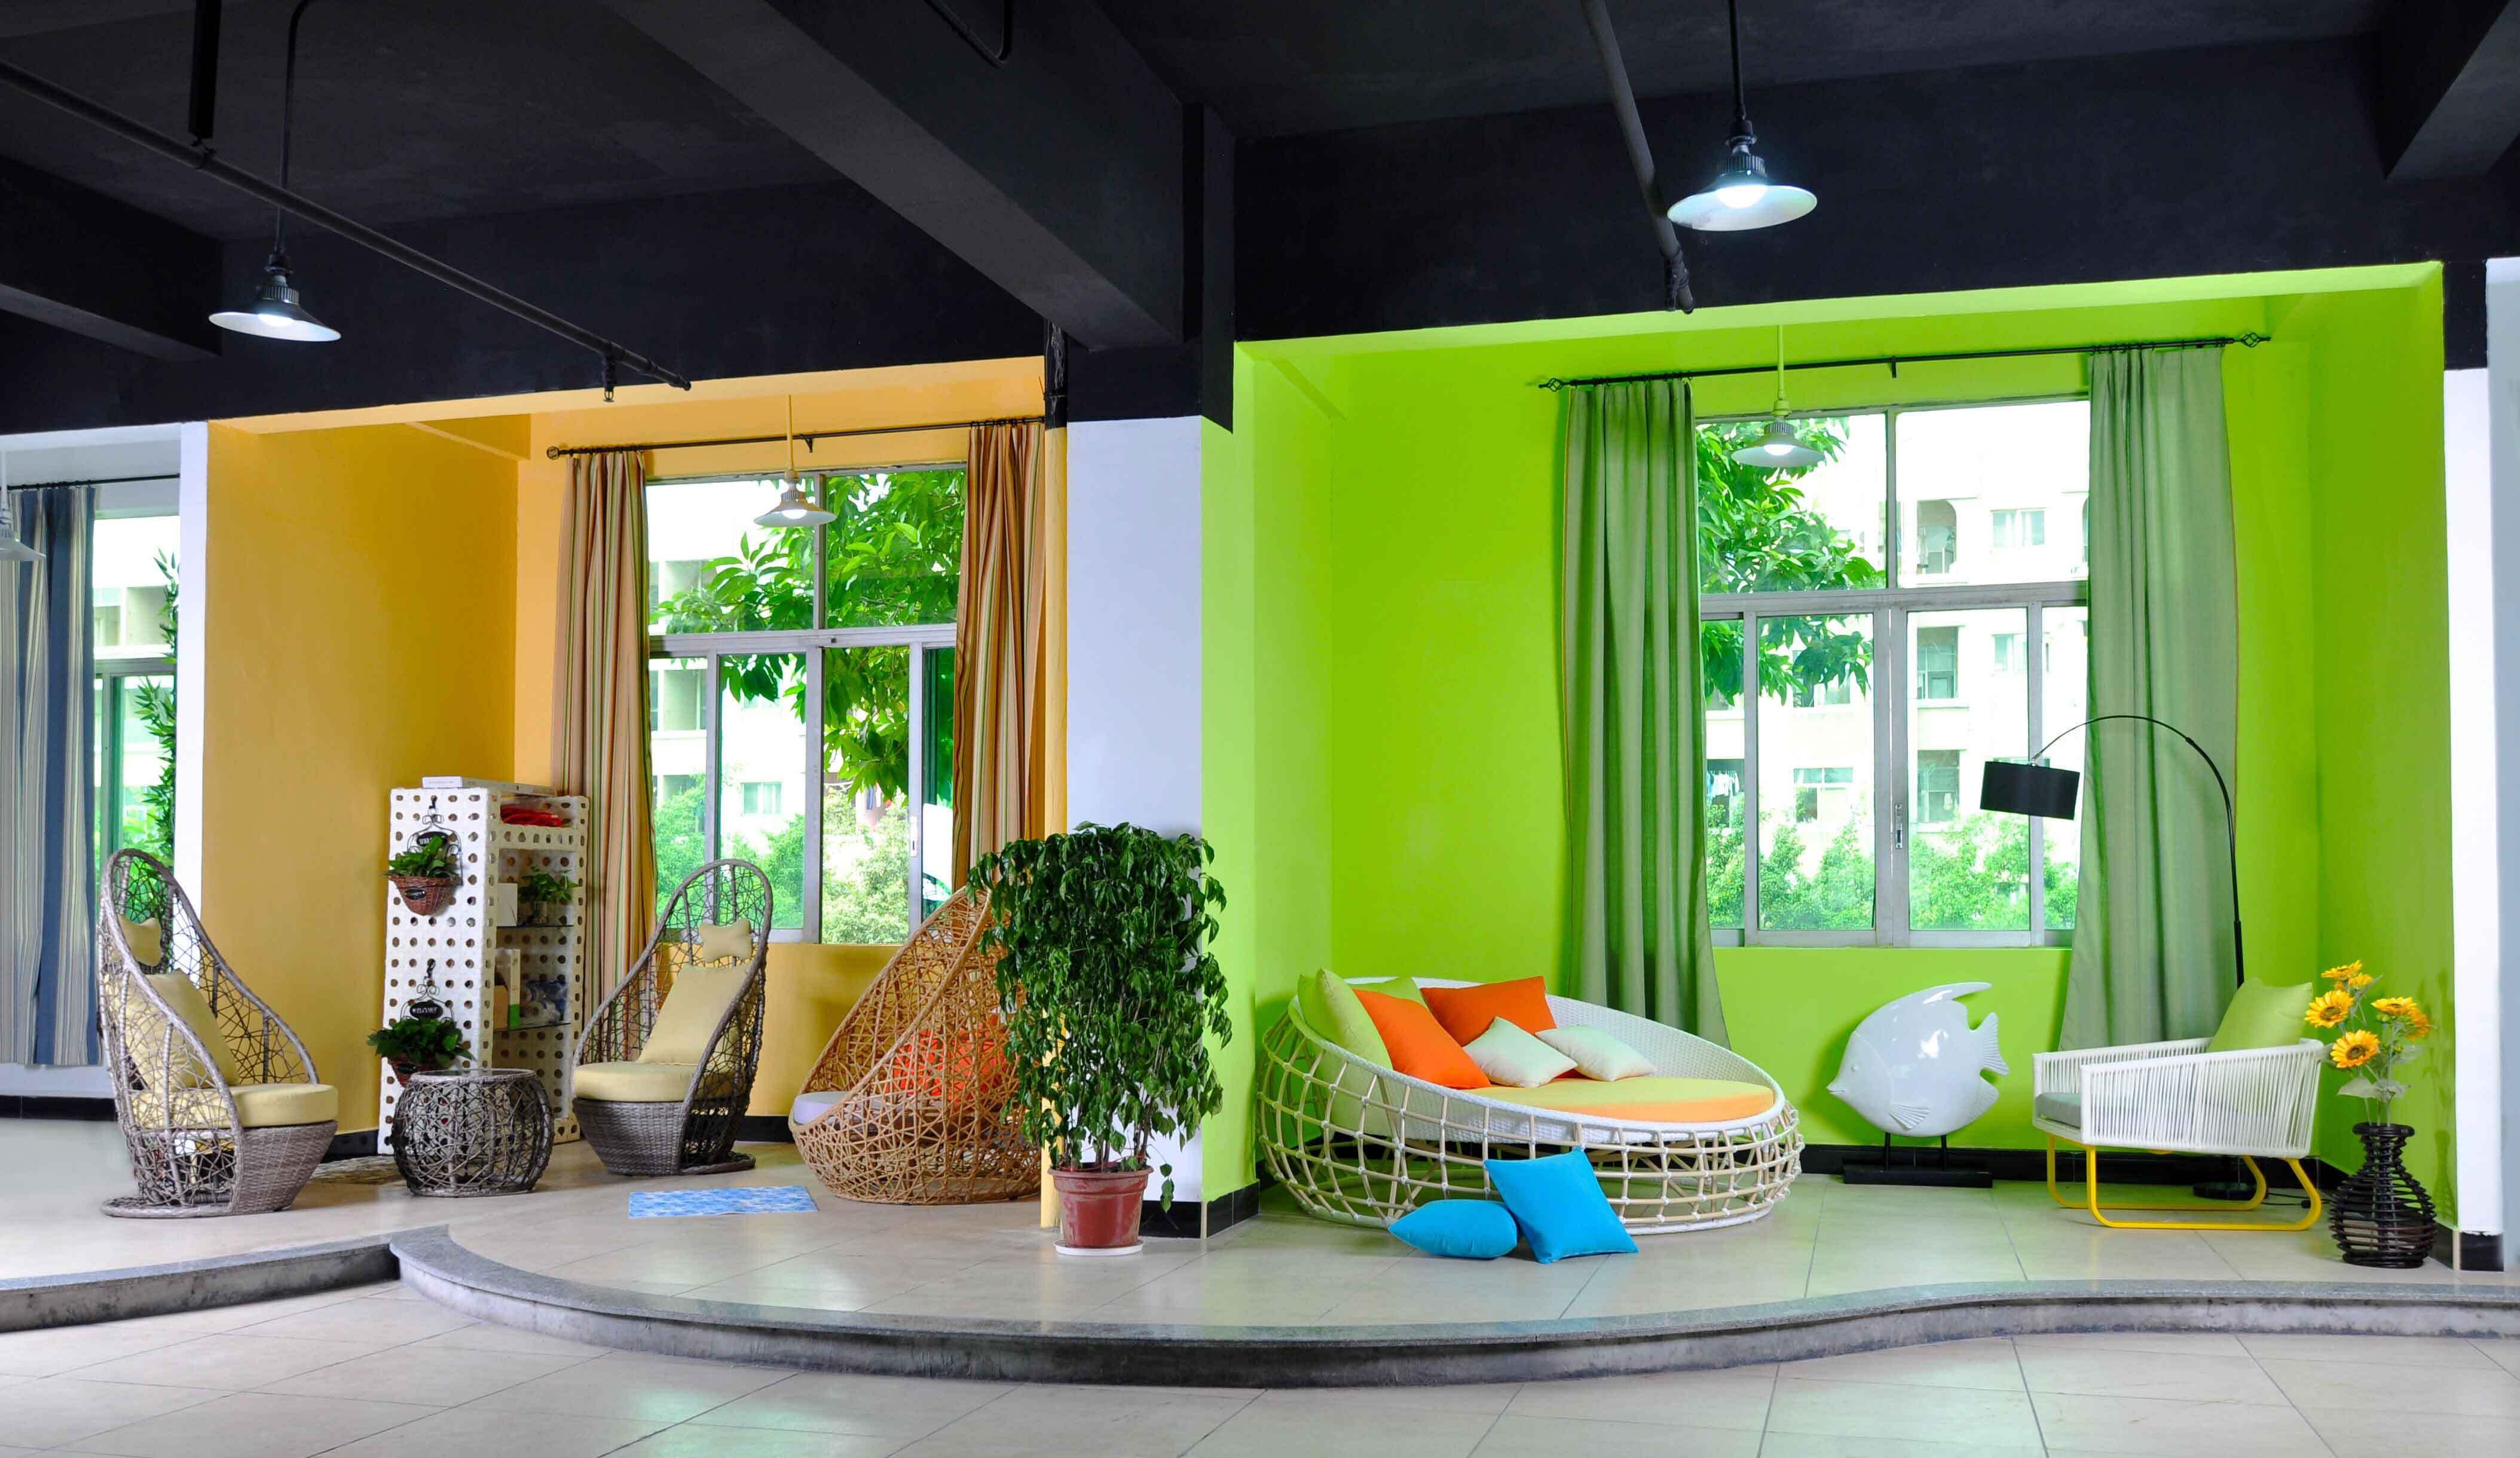 Golden Eagle Outdoor Furniture Co., LTD.